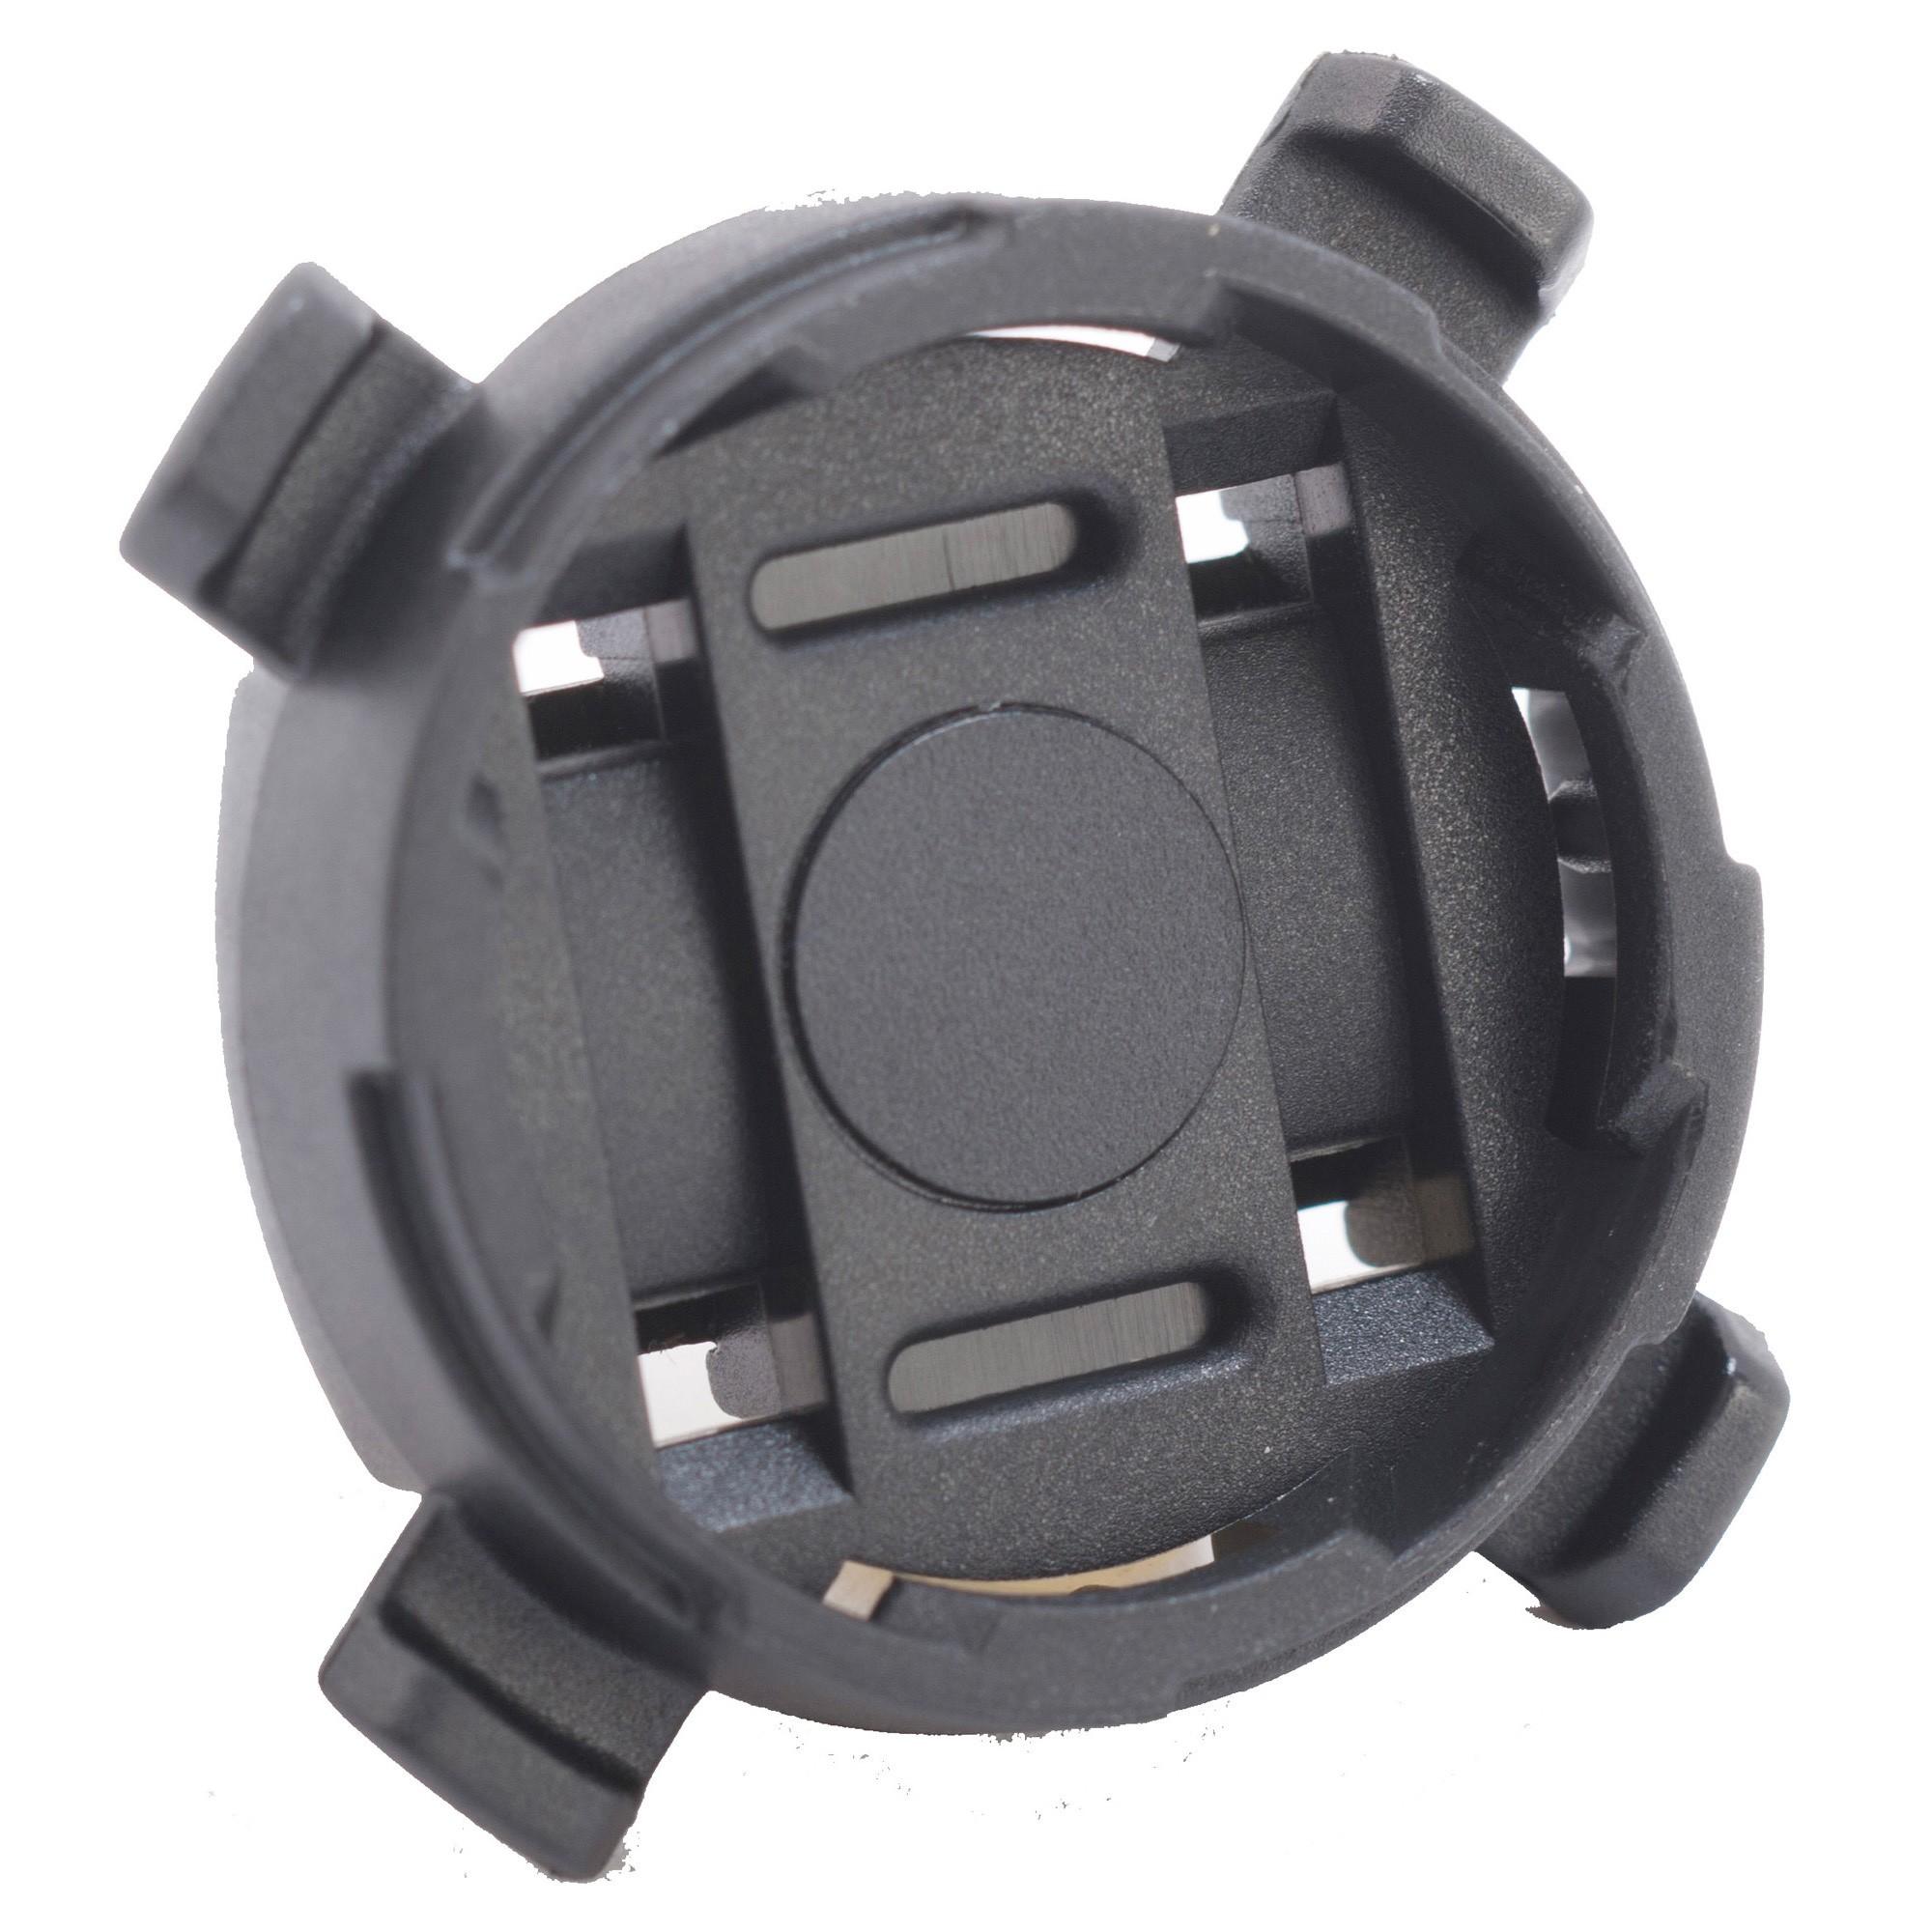 Powertap Joule/Joule GPS/Joule GPS+ Stem or Handlerbar Mount